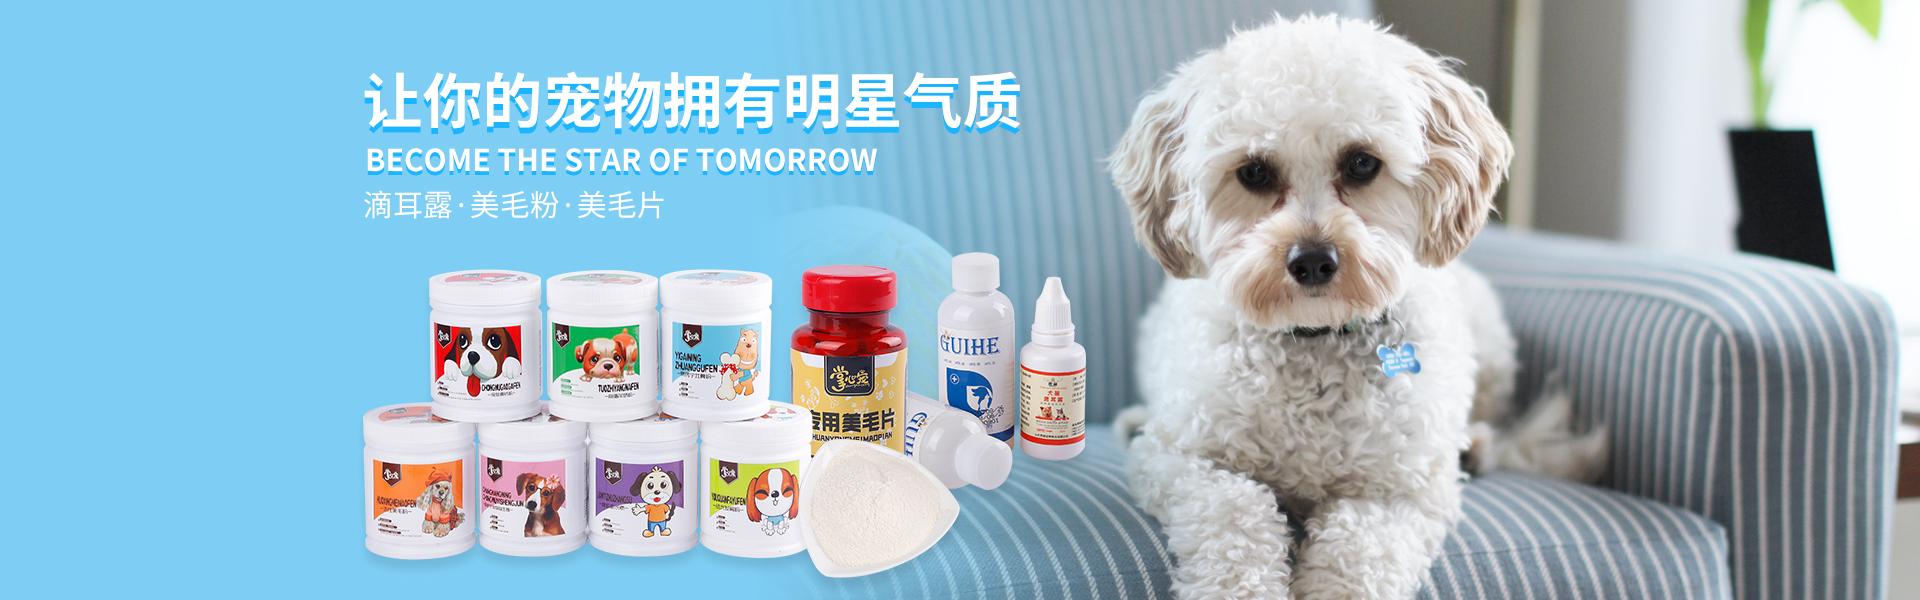 猫粮狗粮OEM,猫粮狗粮代加工,宠物喷剂,宠物保健品